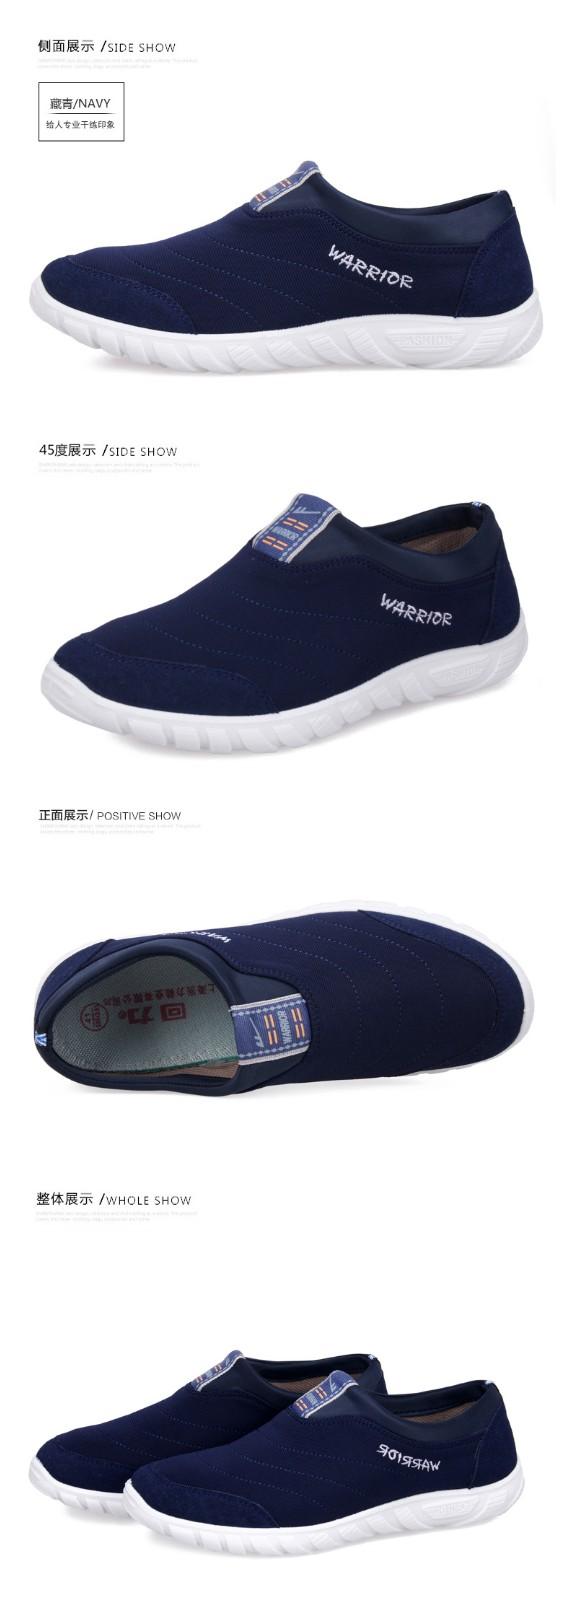 回力男鞋帆布鞋子一脚蹬懒人鞋男士潮流韩版布鞋透气鞋图片十七